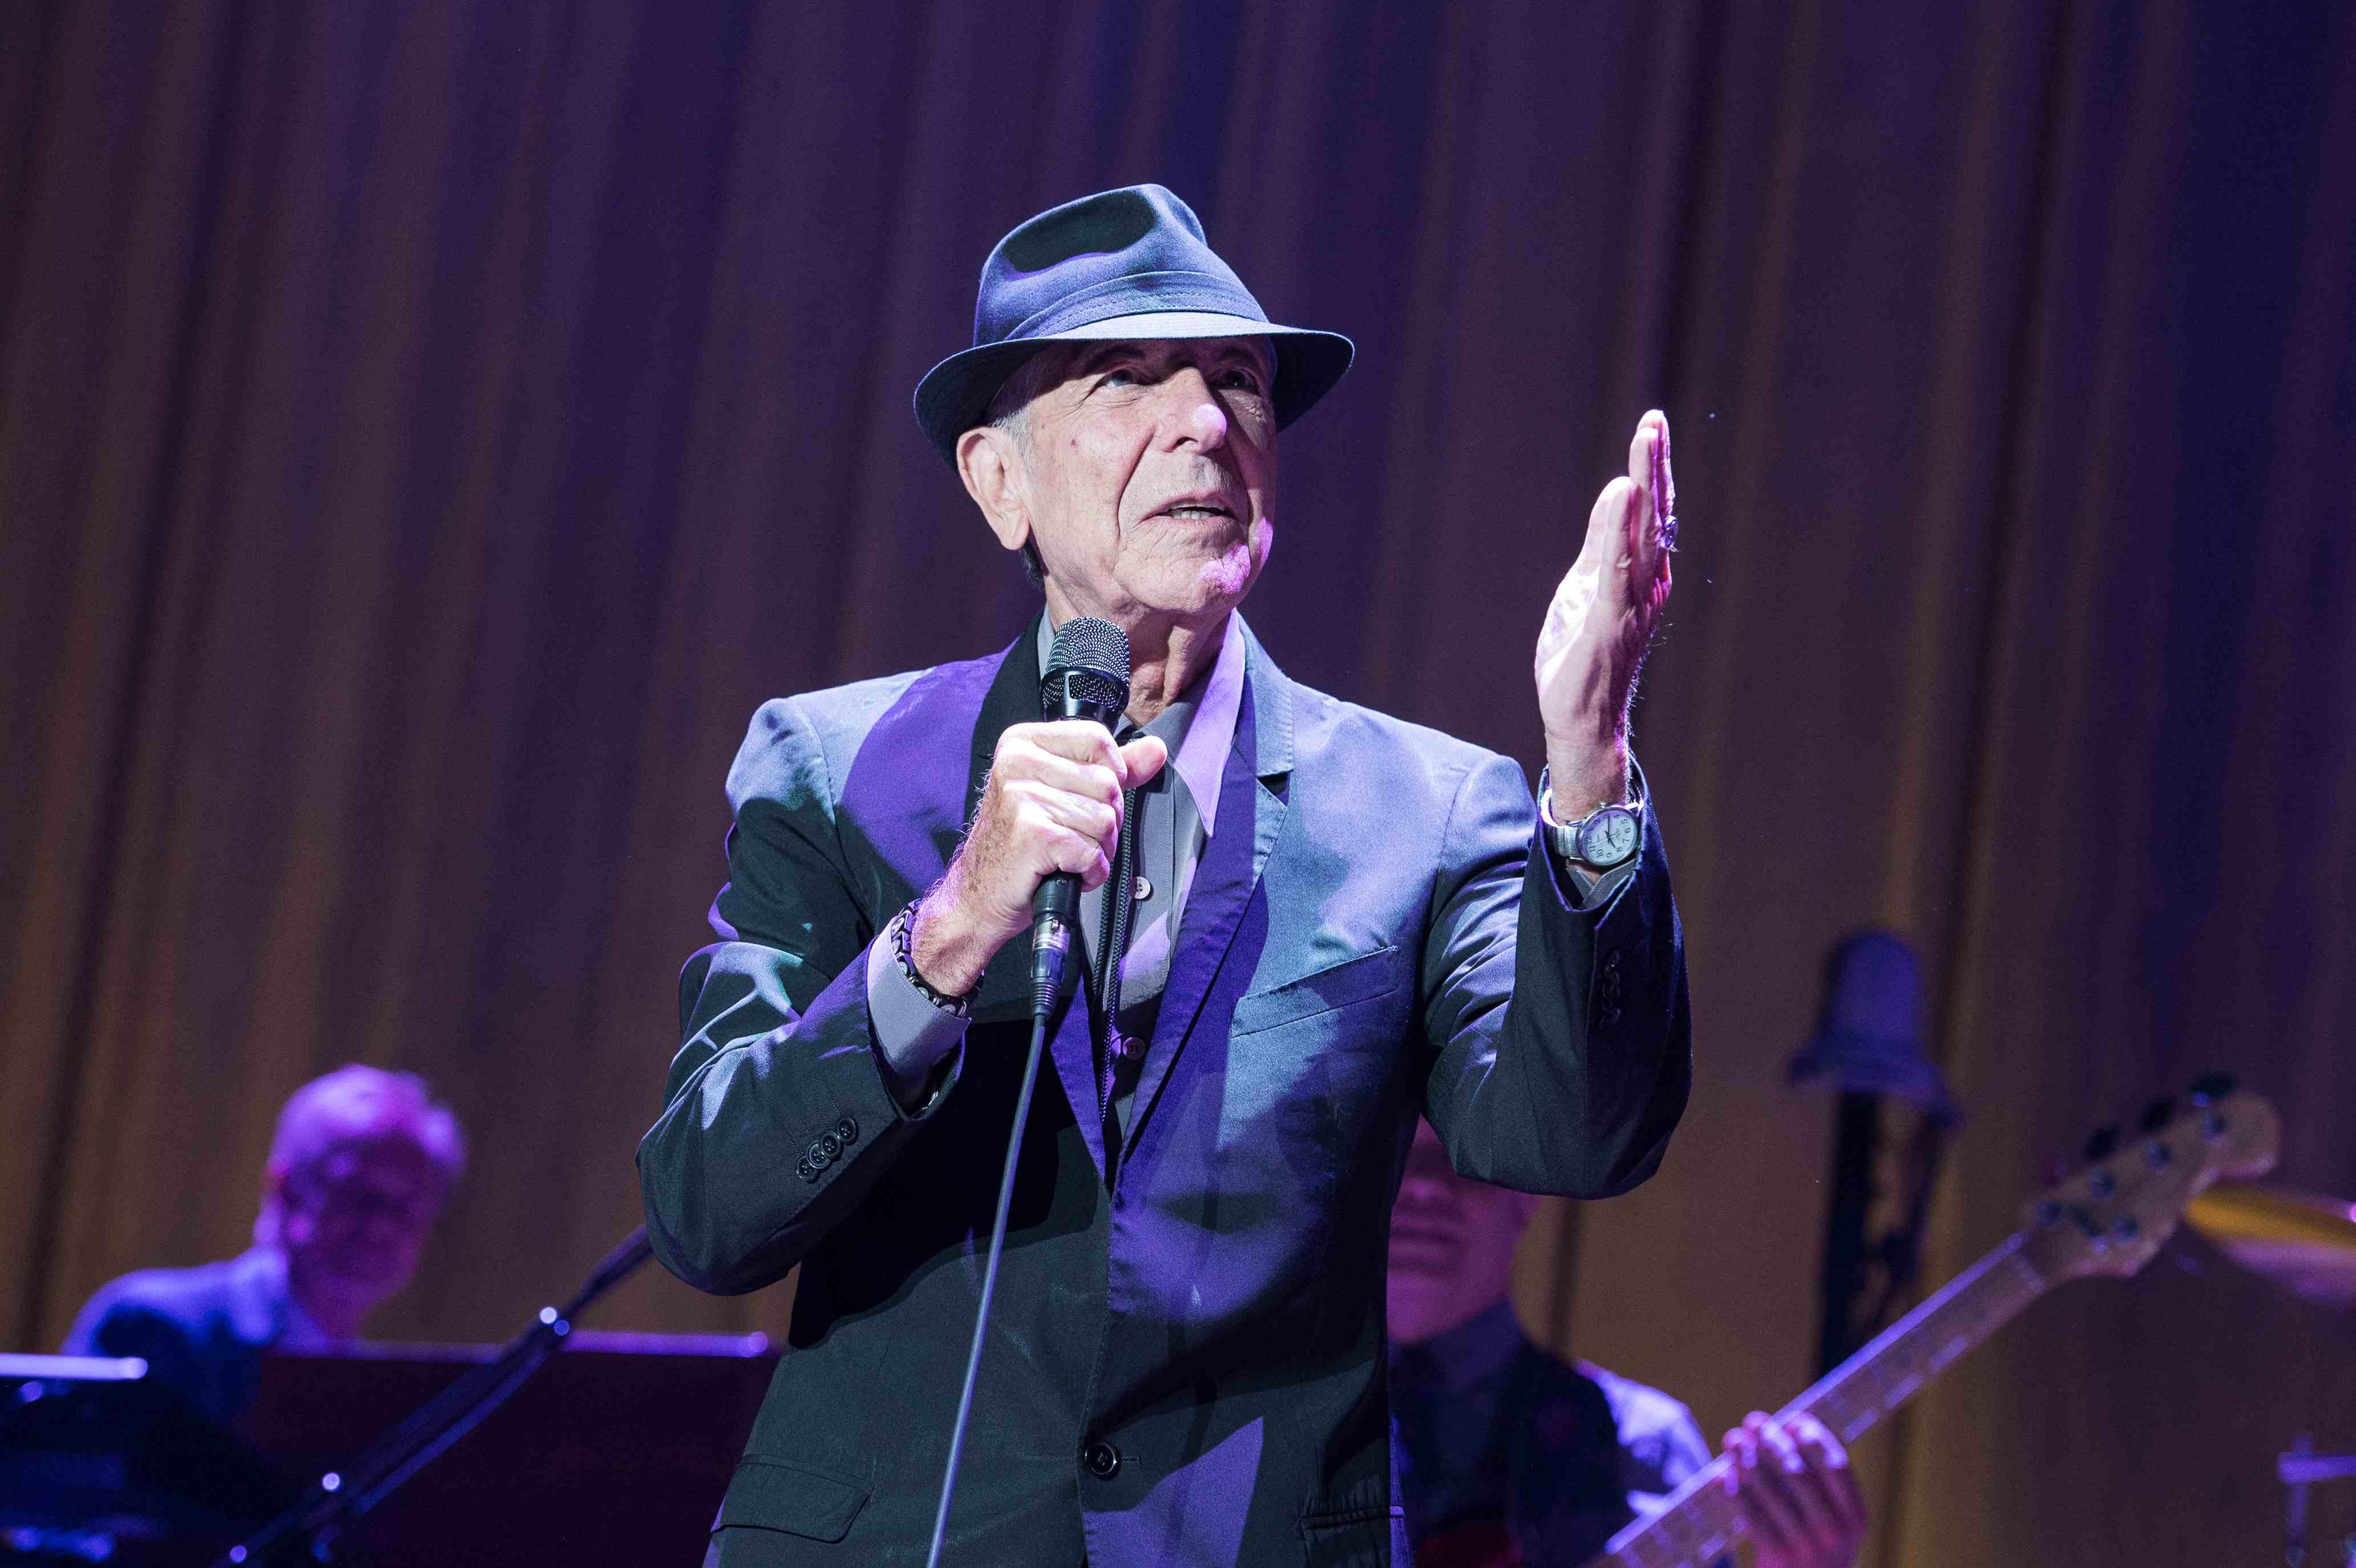 PARIS, FRANCE - JUNE 18: Leonard Cohen performs at Palais Omnisports de Bercy on June 18, 2013 in Paris, France. (Photo by Da